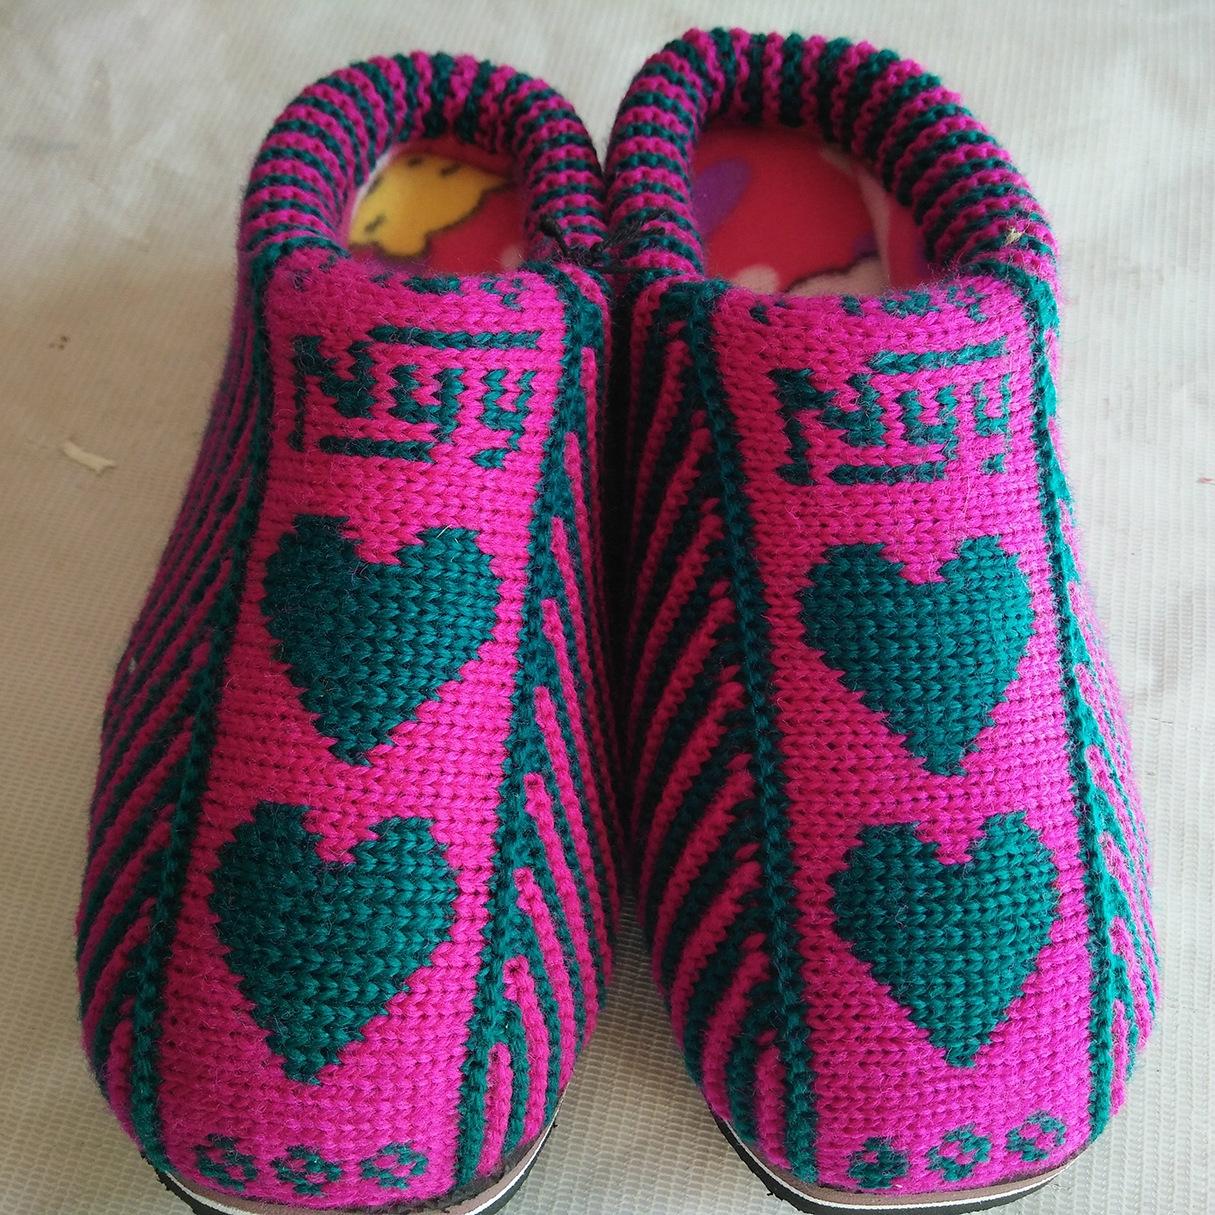 女式低帮拖鞋 手工编织毛线棉鞋 加厚保暖